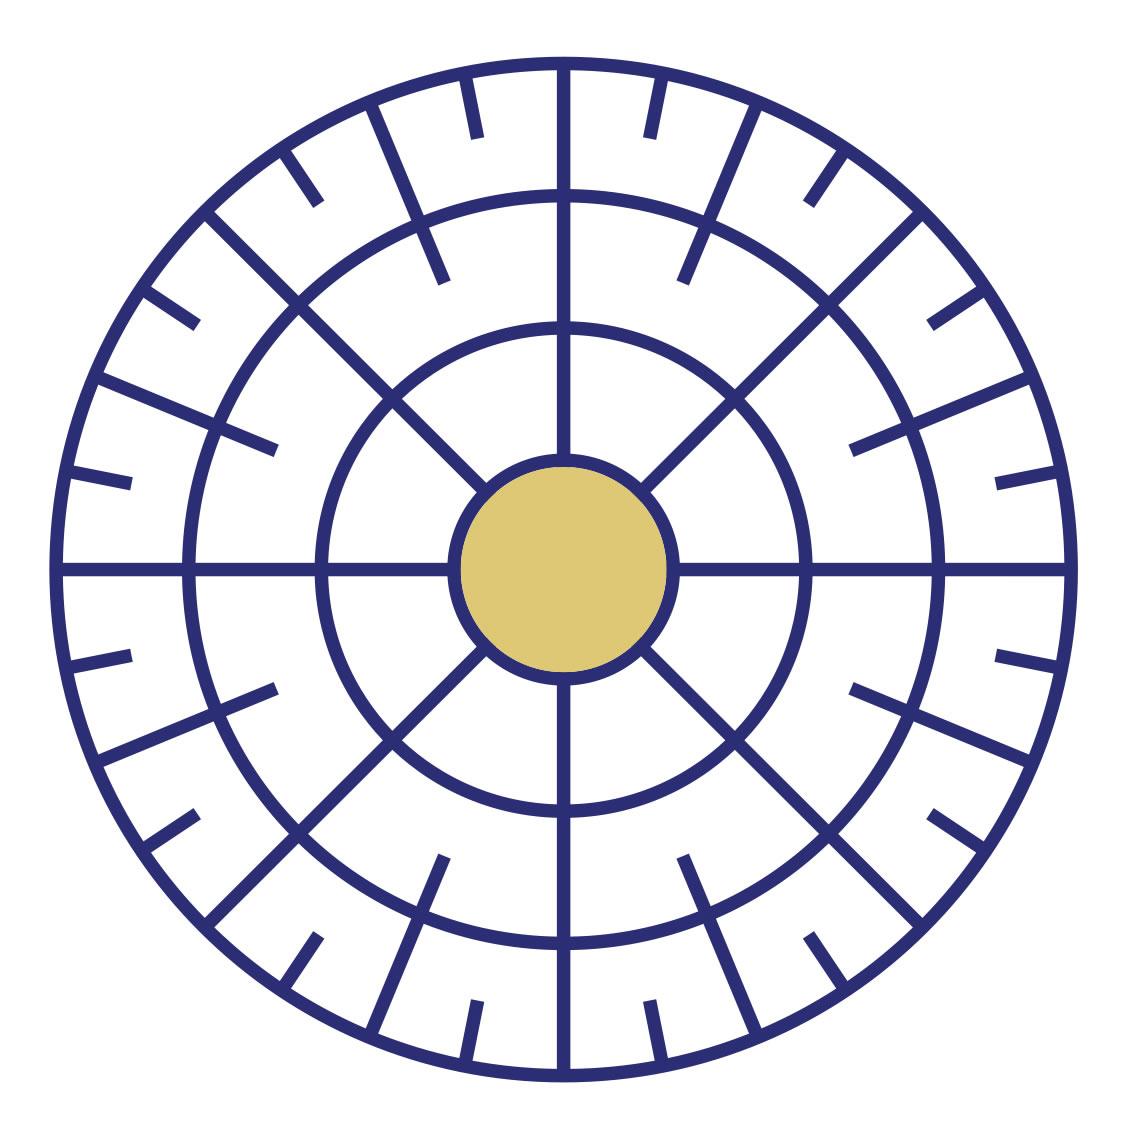 Symbole de la Divinité de la religion Martienne